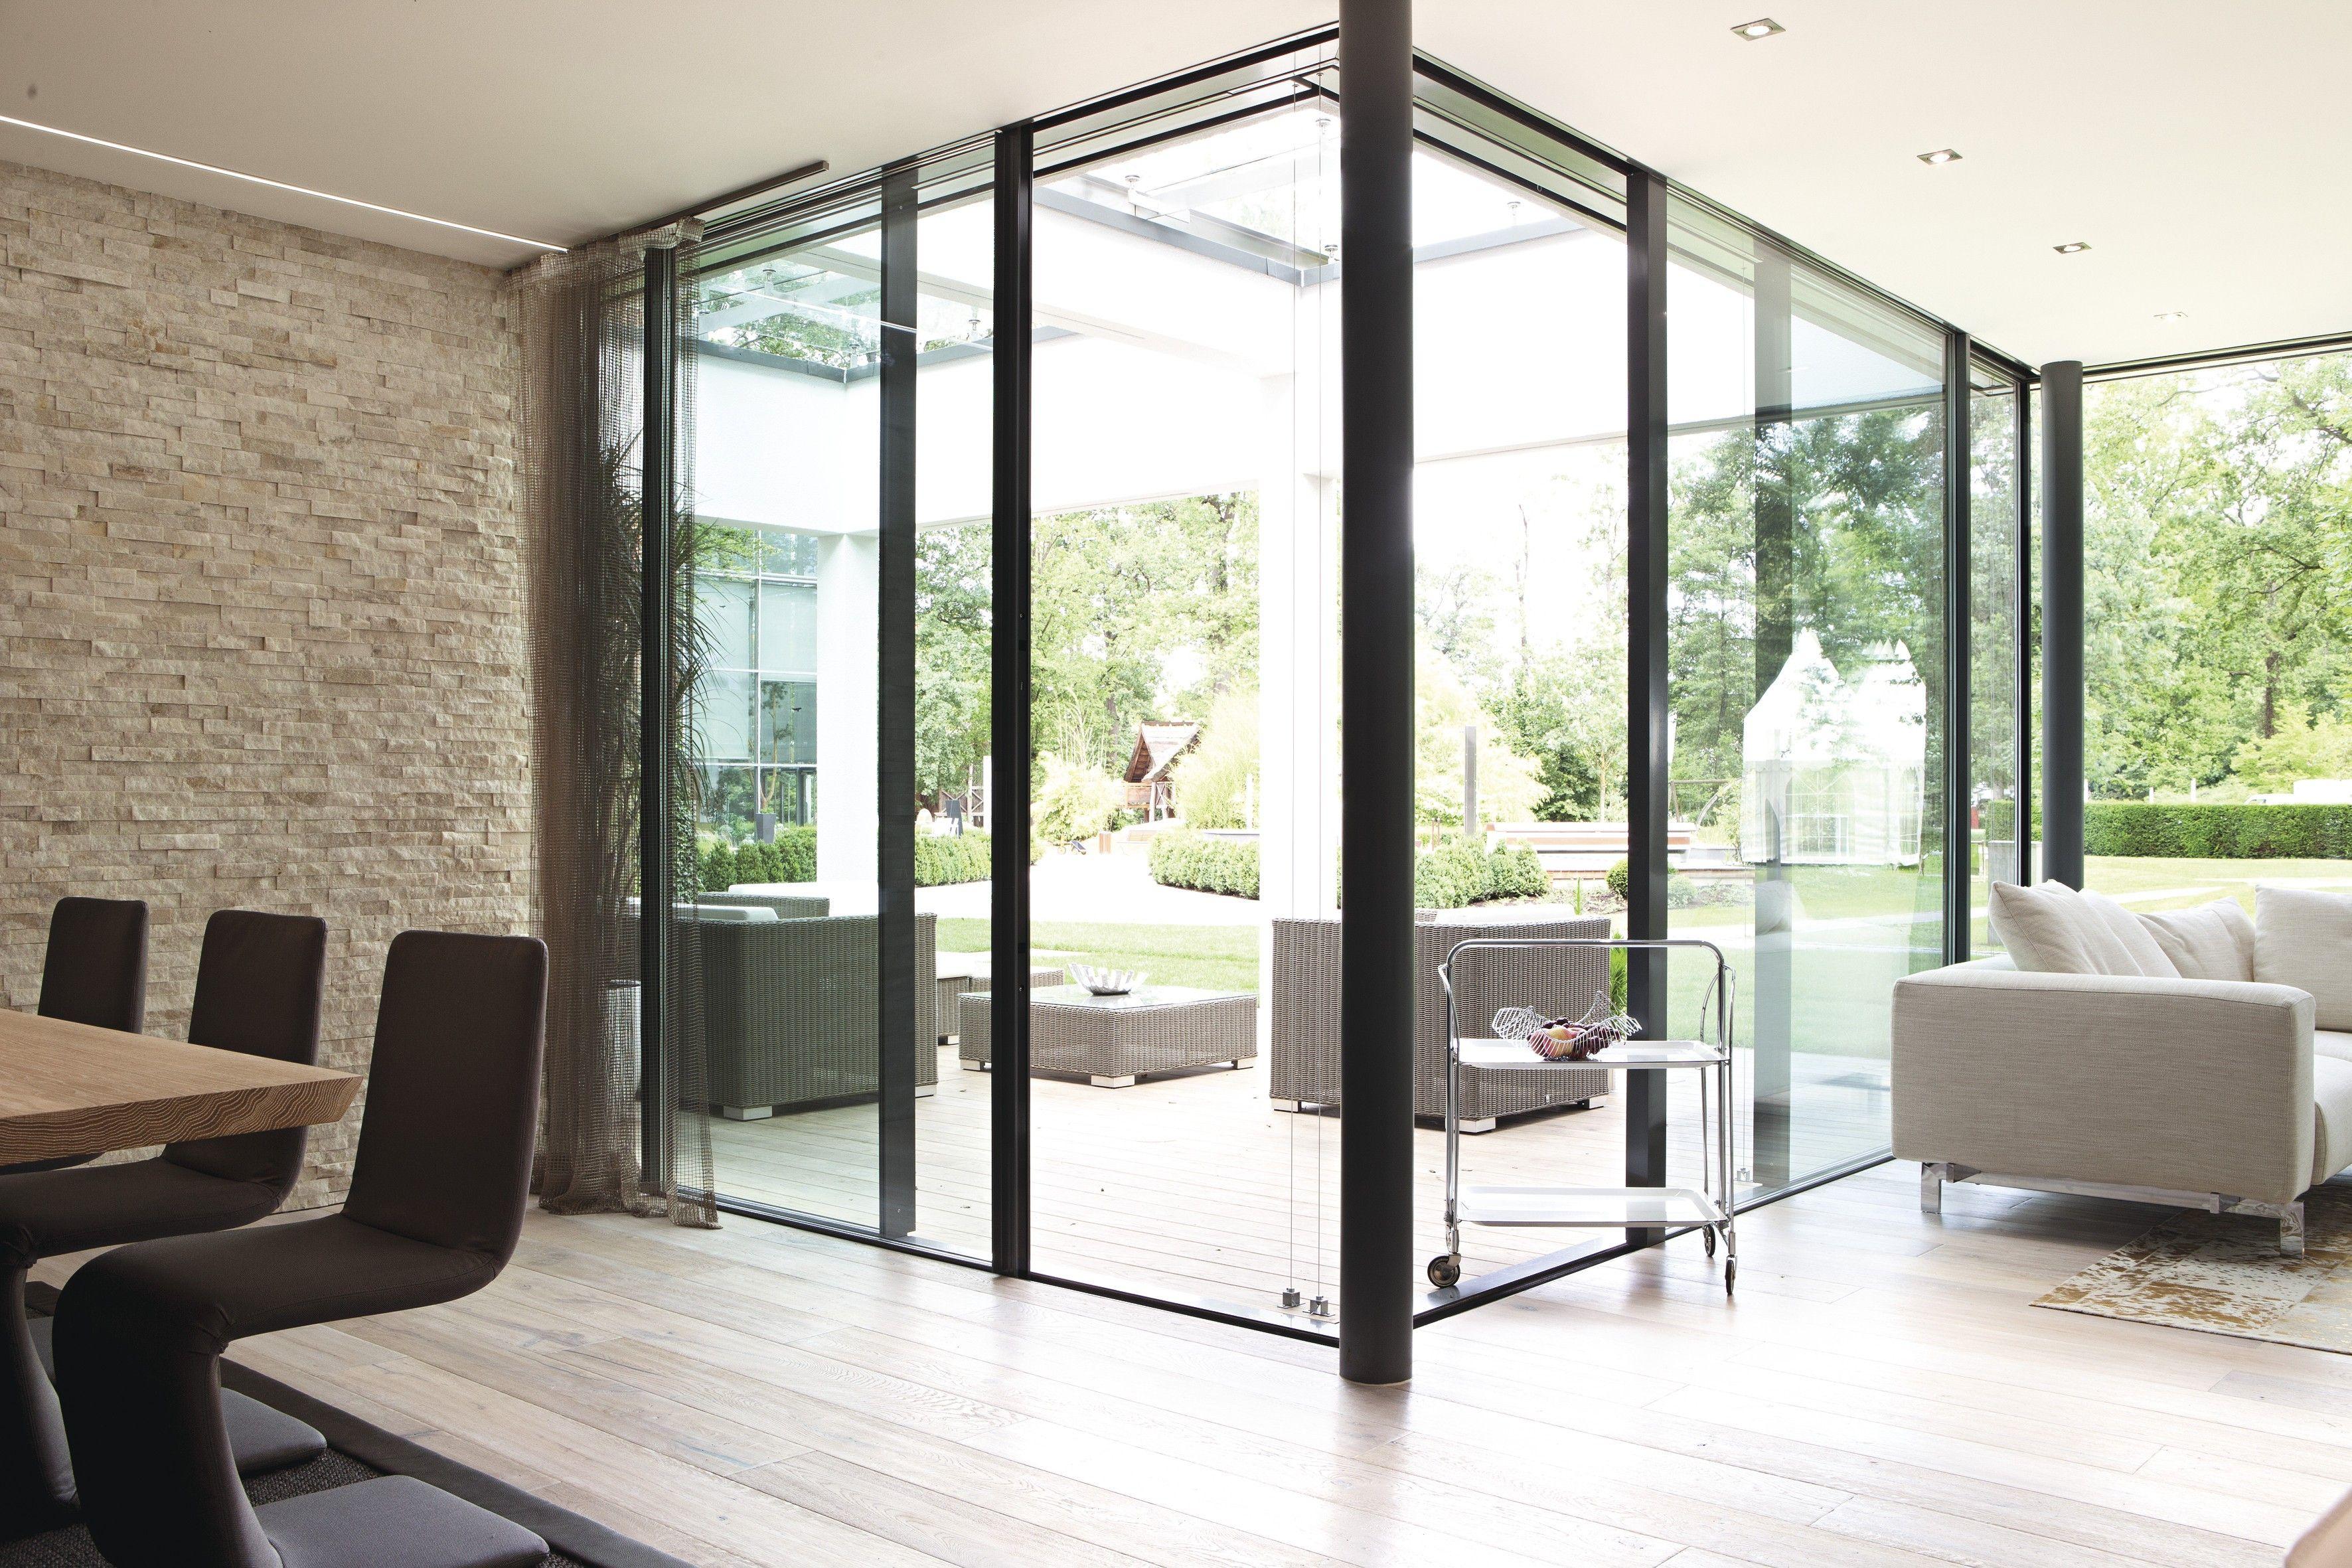 terrasse mit offenem wohn esszimmer baies vitrees pinterest wohn esszimmer terrasse und. Black Bedroom Furniture Sets. Home Design Ideas